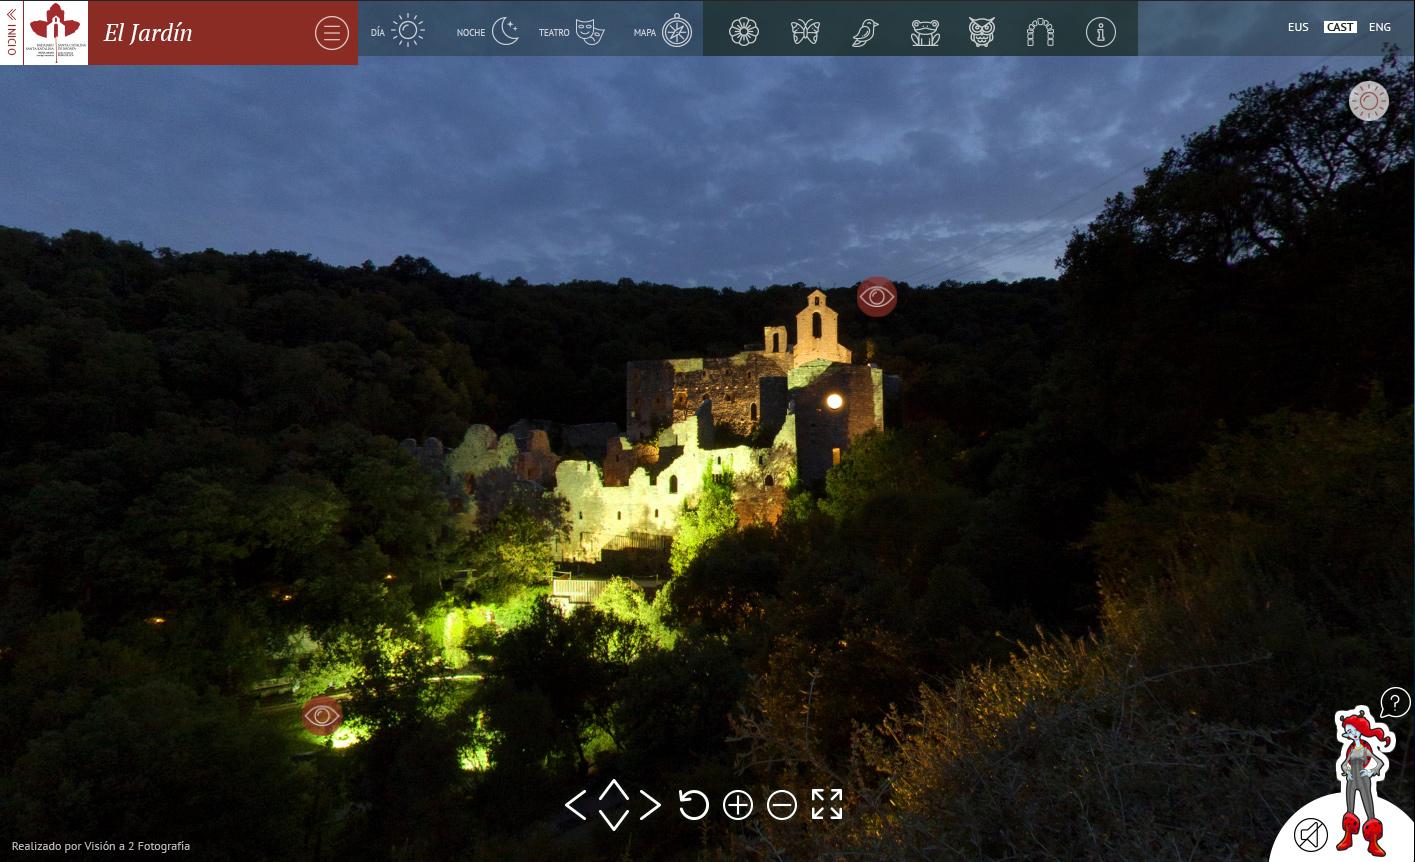 Visita Virtual al Jardín Botánico de Santa Catalina